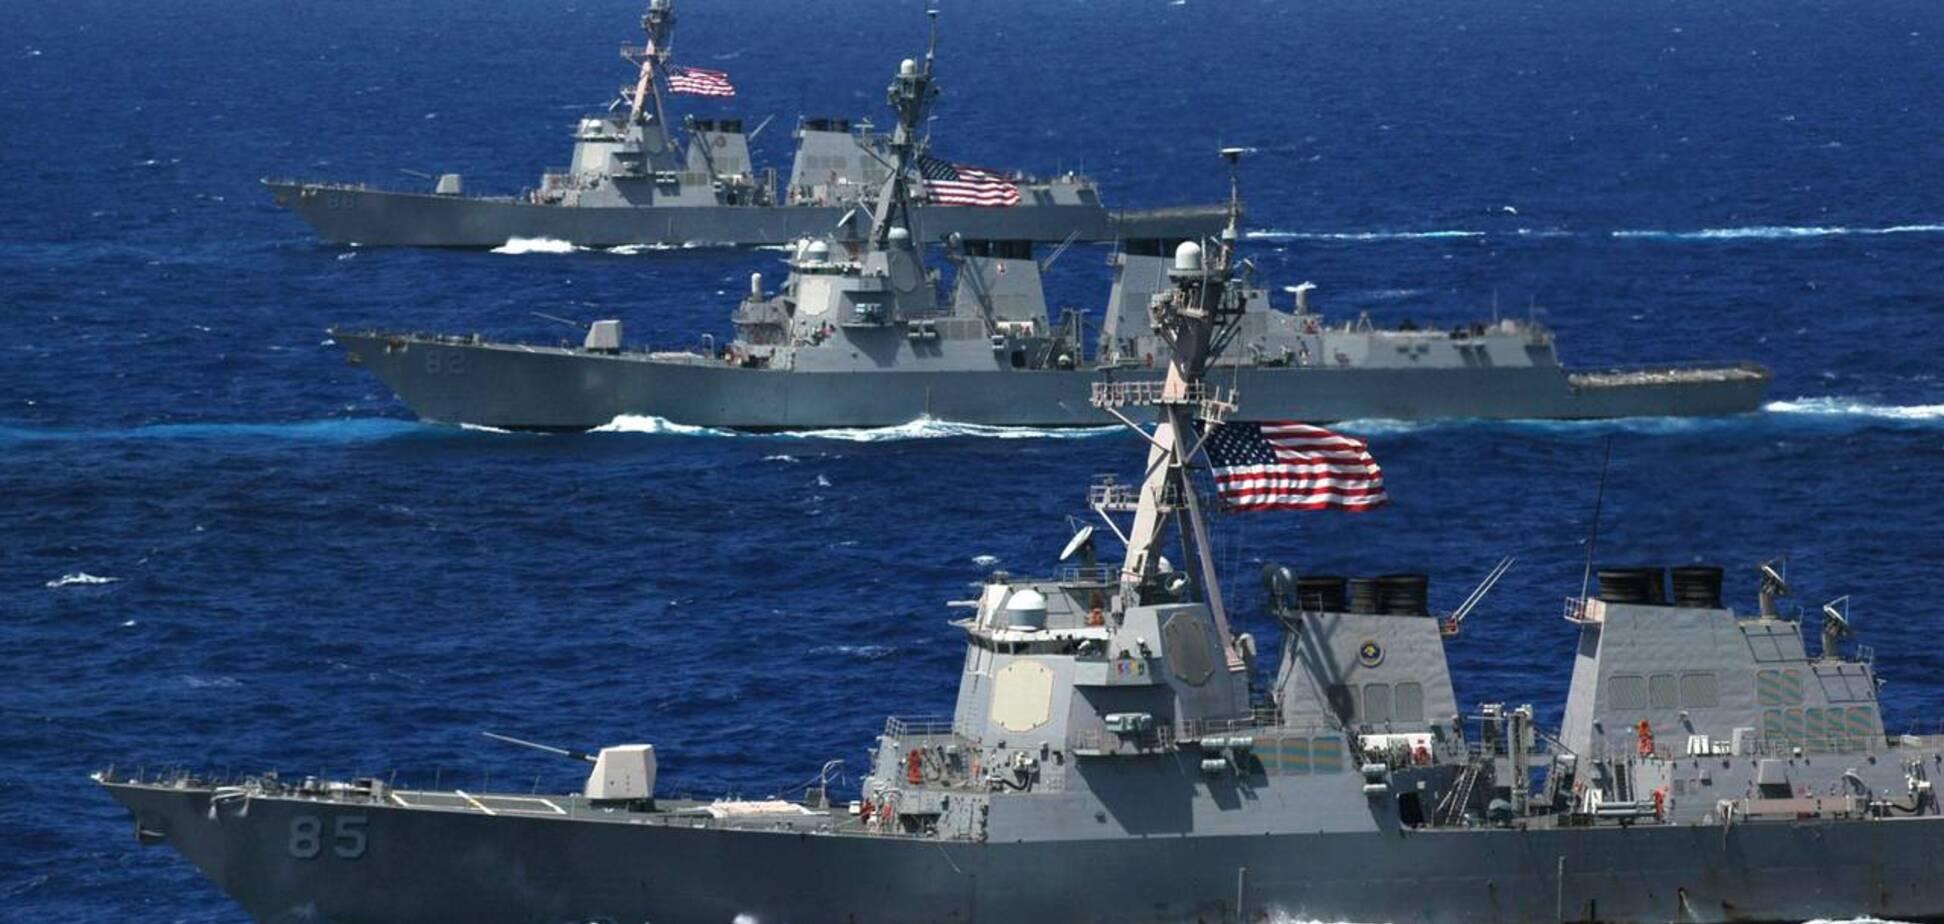 ВМС РФ не место в Крыму: в США пообещали новое поражение Кремля